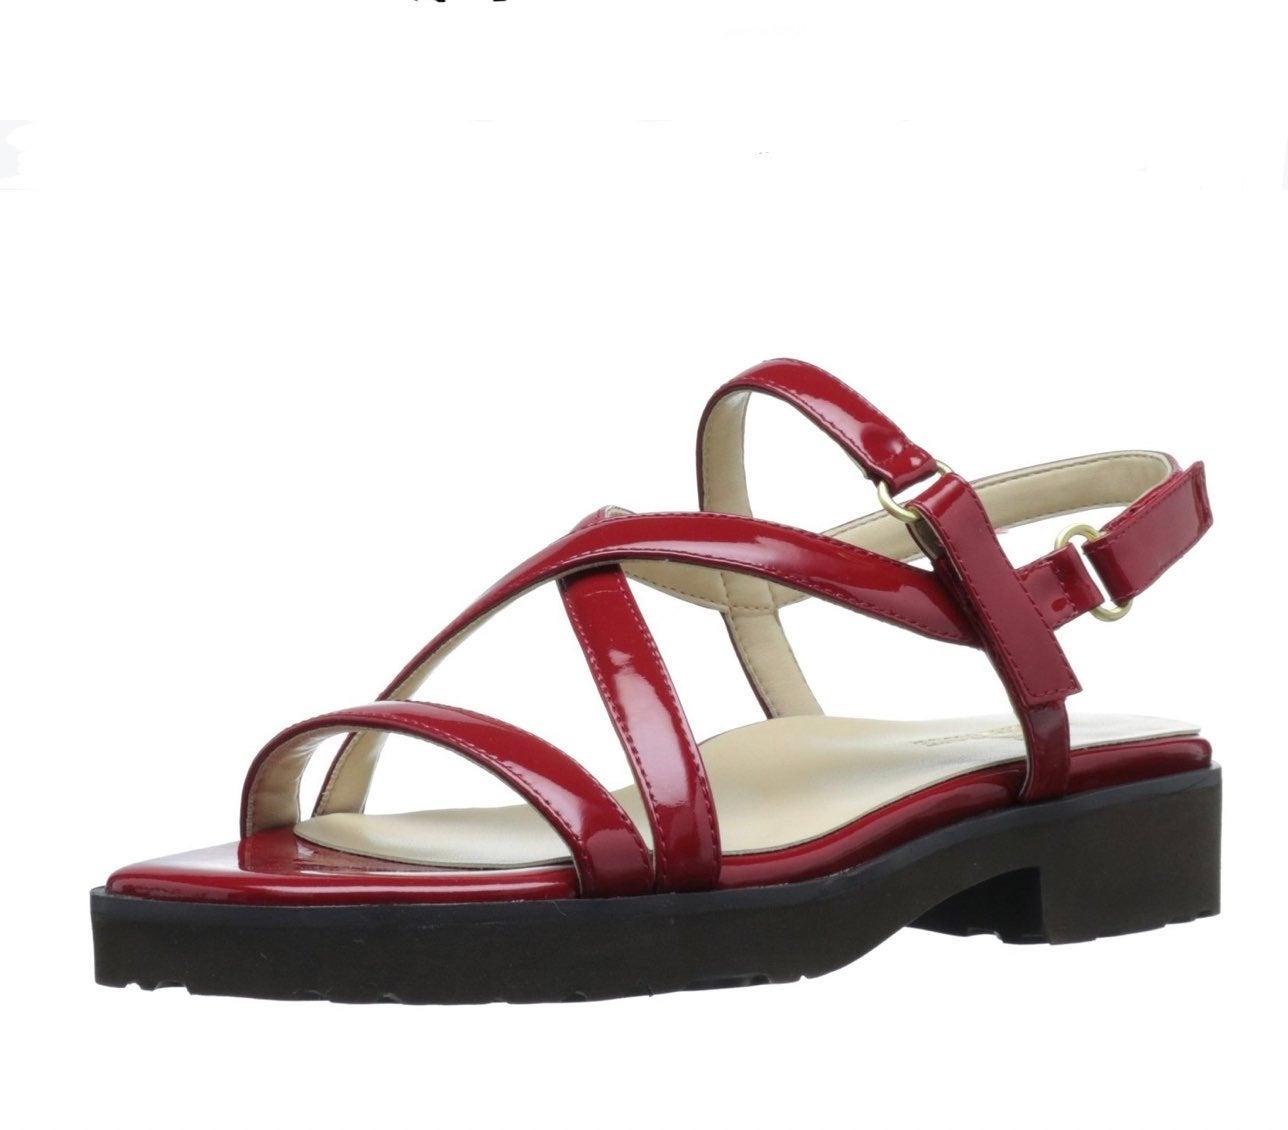 Taryn Rose traveler sandal